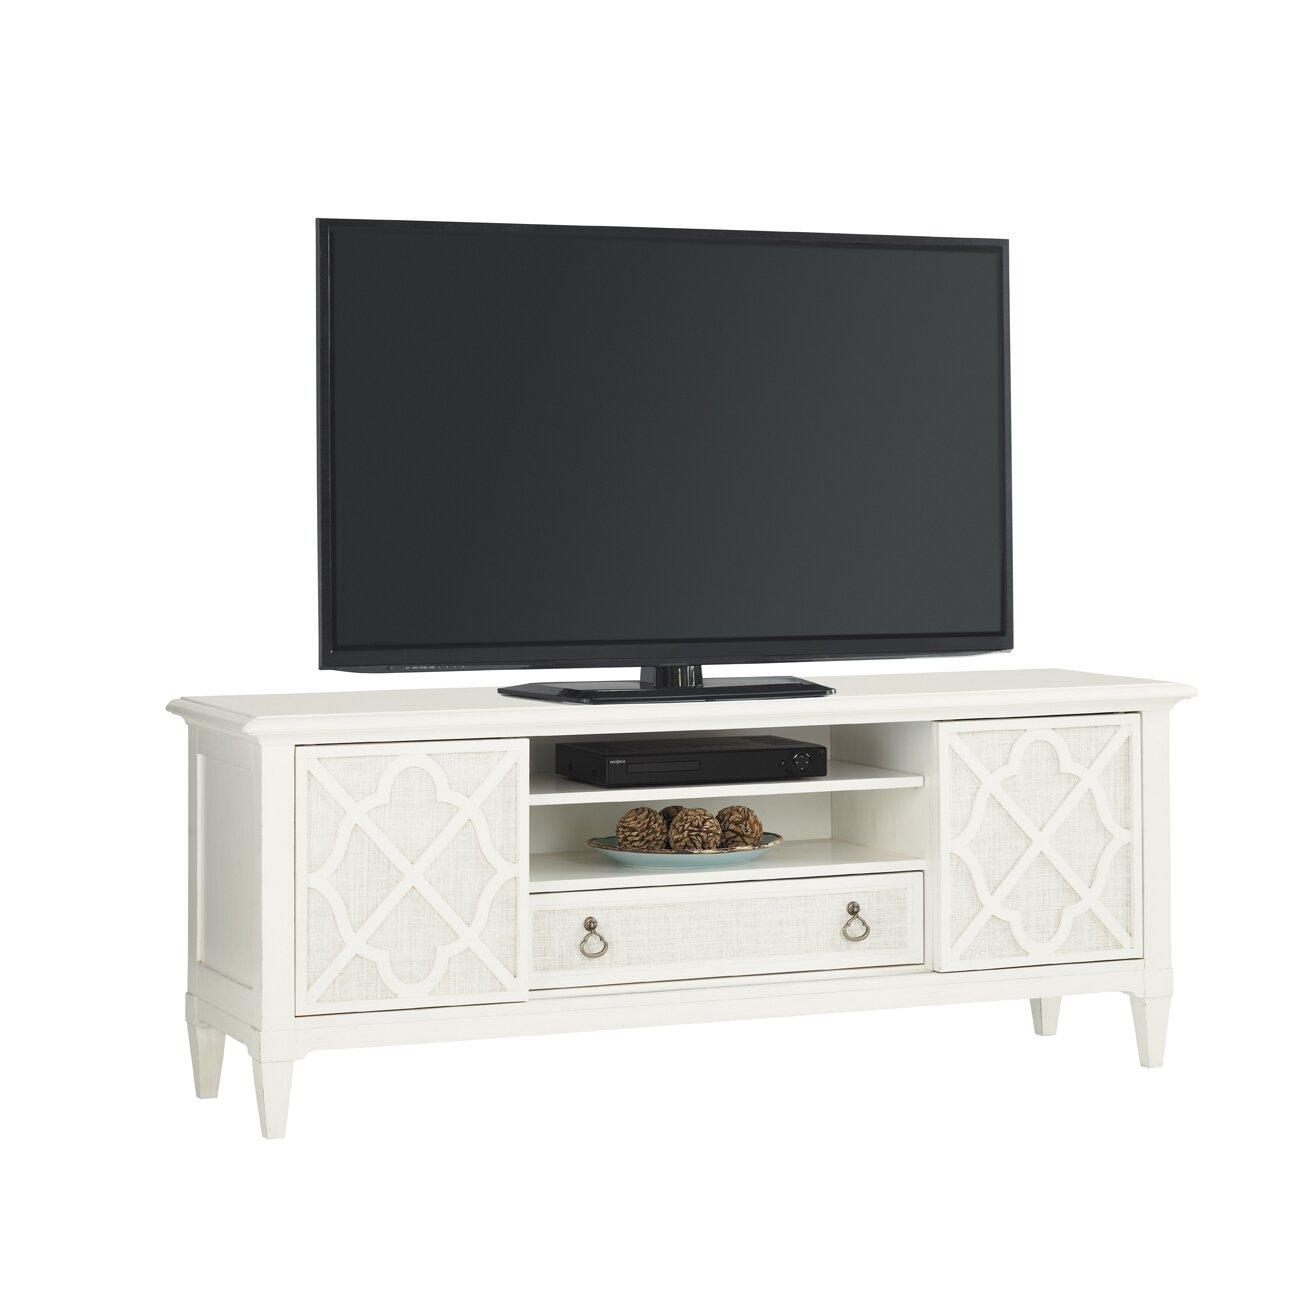 tommy bahama home ivory key tv stand  u0026 reviews